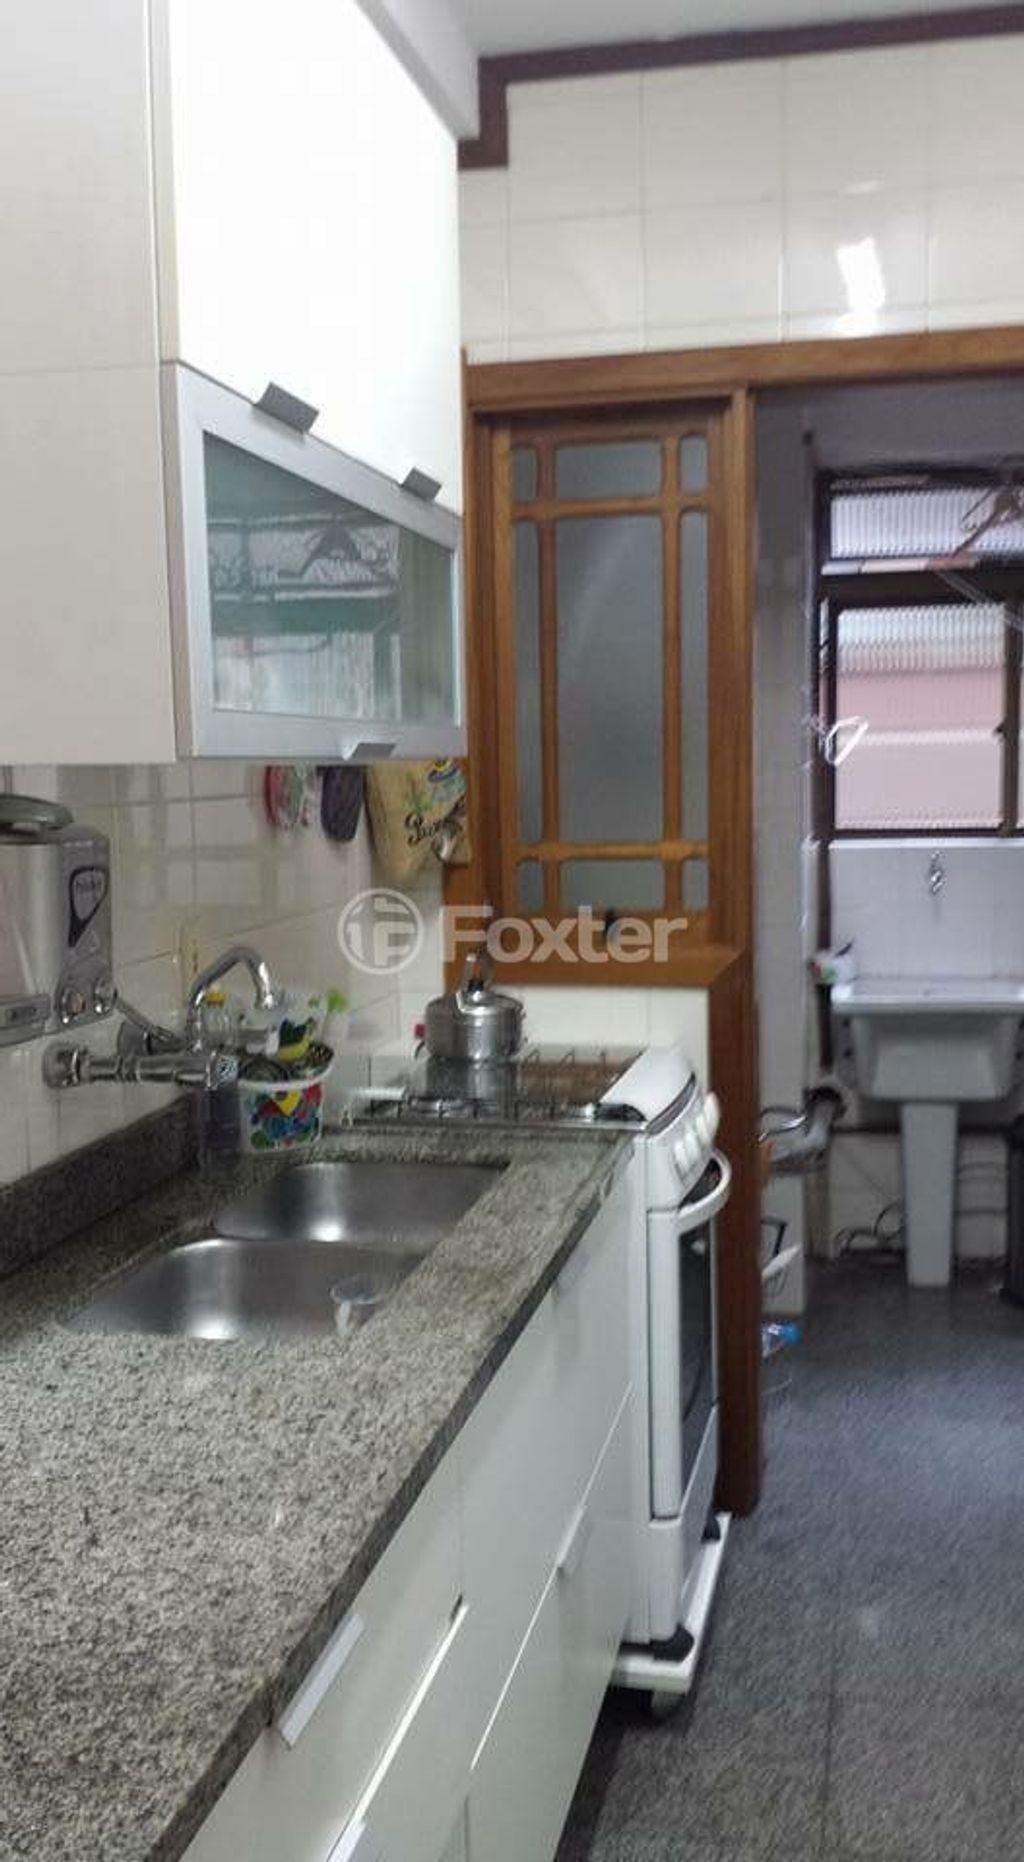 Foxter Imobiliária - Apto 3 Dorm, Petrópolis - Foto 4